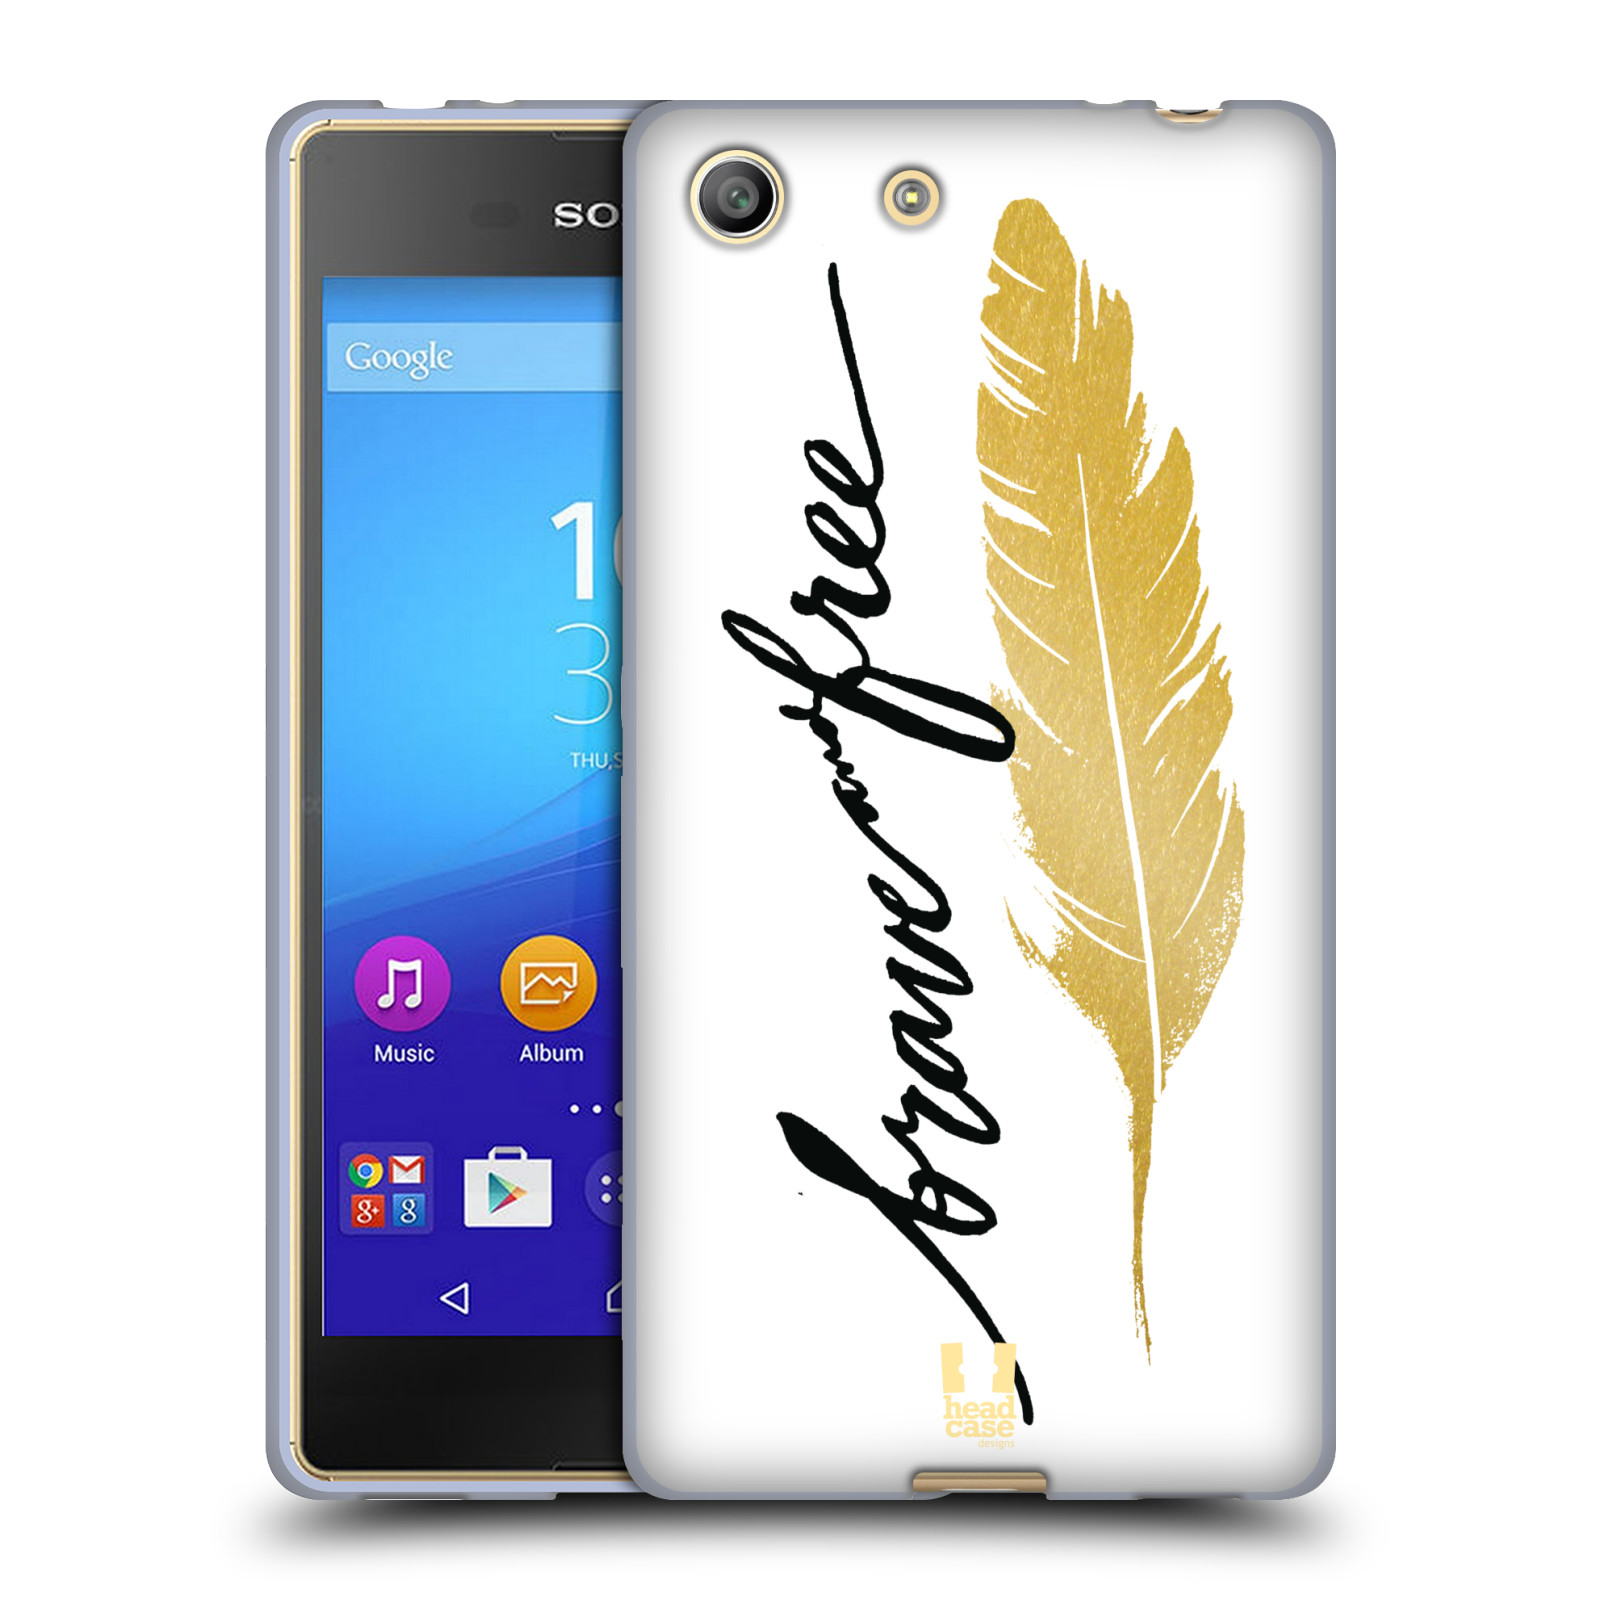 Silikonové pouzdro na mobil Sony Xperia M5 HEAD CASE PÍRKO ZLATÉ FREE (Silikonový kryt či obal na mobilní telefon Sony Xperia M5 Dual SIM / Aqua)